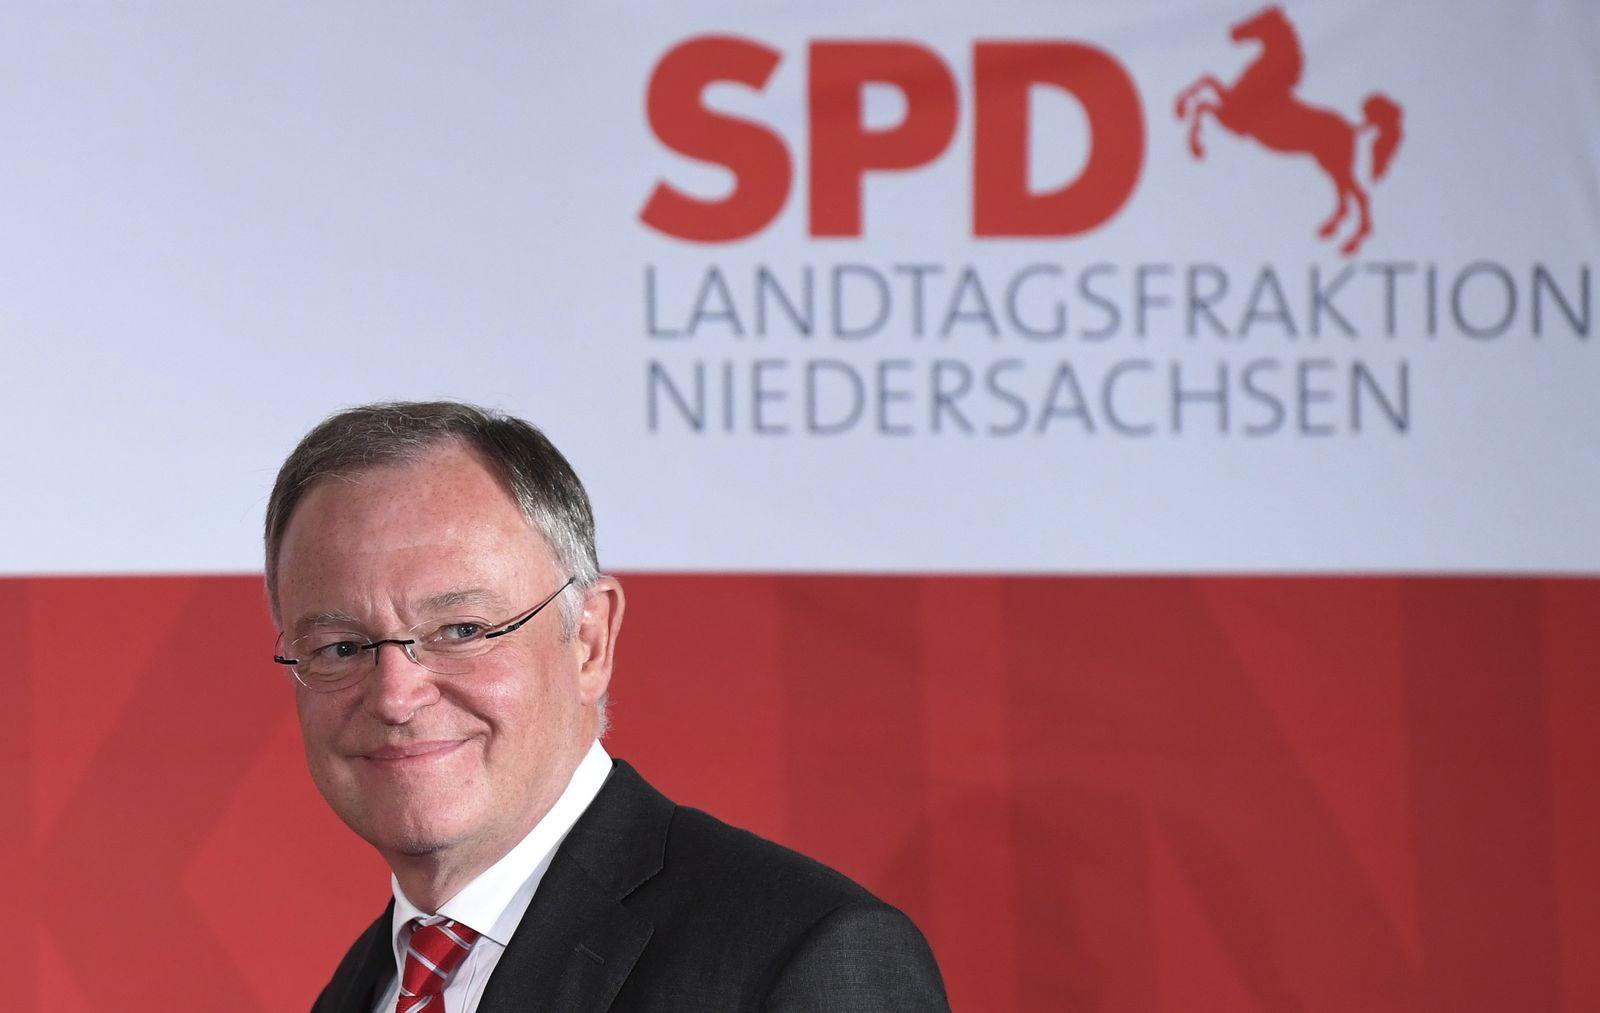 Landtagswahl/ Niedersachsen/ Weil